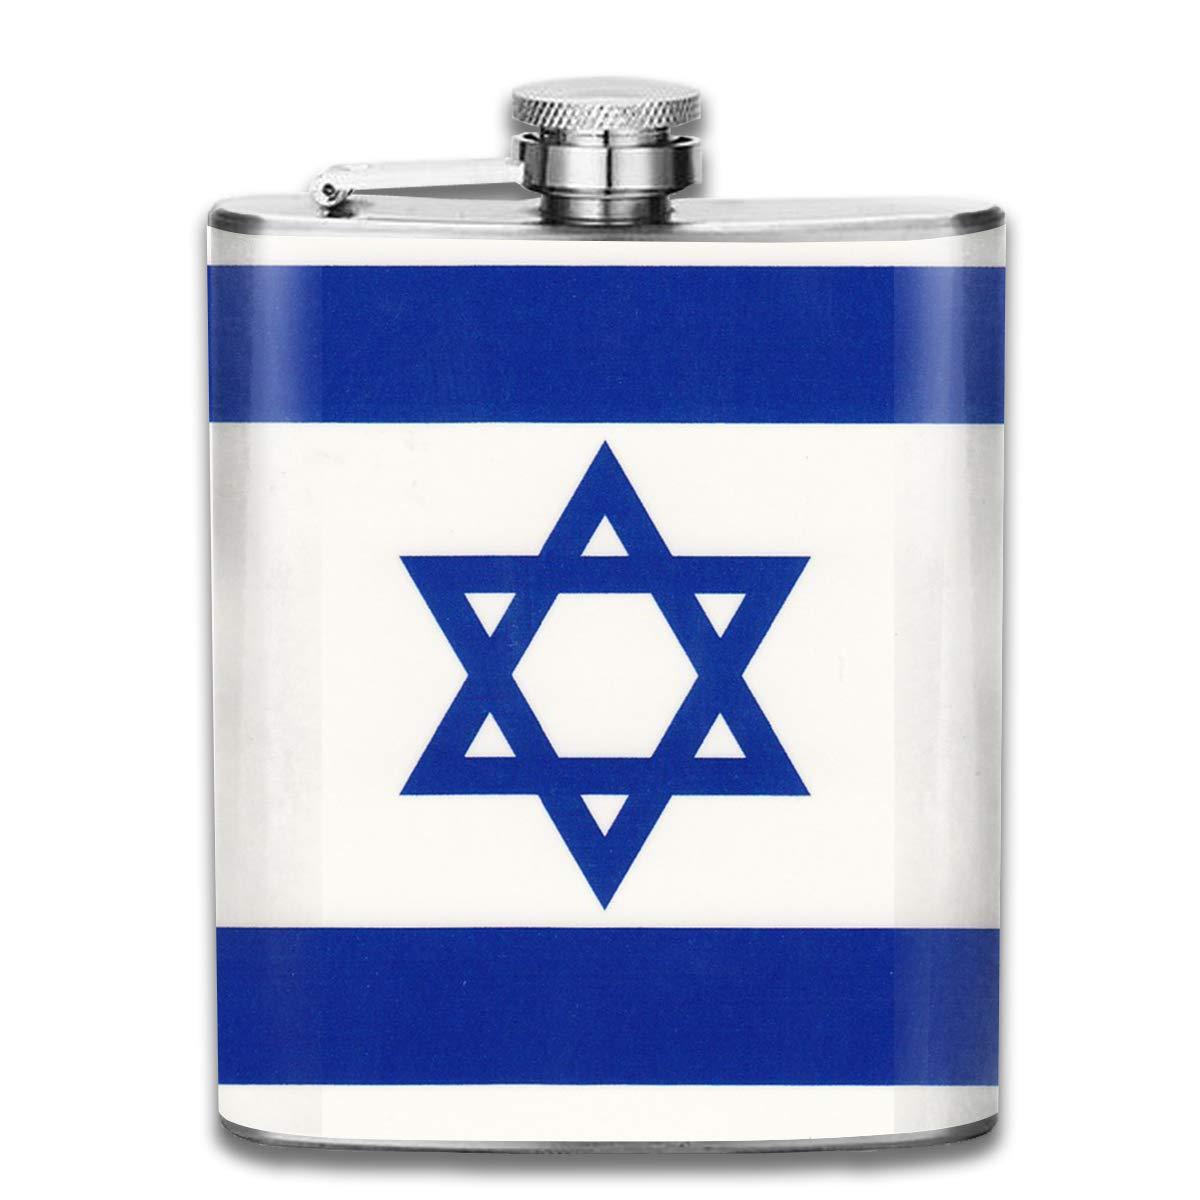 リアル Kupik 携帯用 7オンス ステンレススチール フラスコ イスラエル国旗 ミニフラゴン Kupik フラスコ レザーパッケージ ミニフラゴン ジャグフラゴン メンズ レディース ギフト B07KT62CFH, 秘密基地:05868520 --- a0267596.xsph.ru